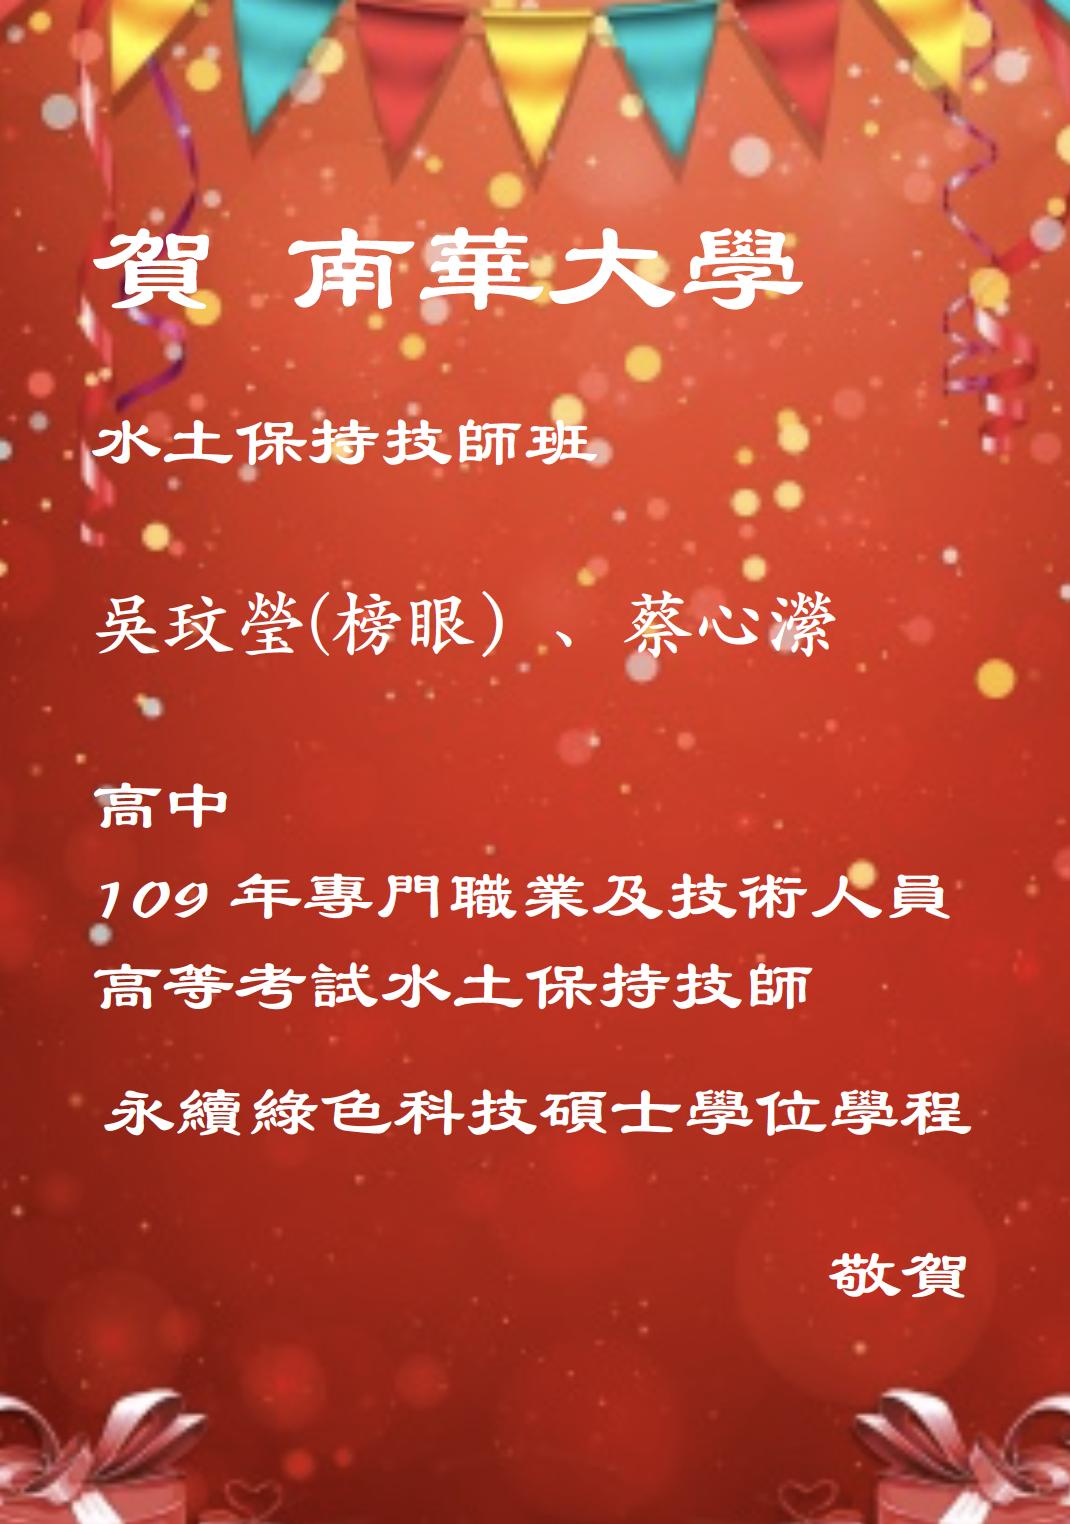 賀!水土保持技師班 吳玟瑩(榜眼)、蔡心瀠 高中109年專門職業及技術人員高等考試水土保持技師